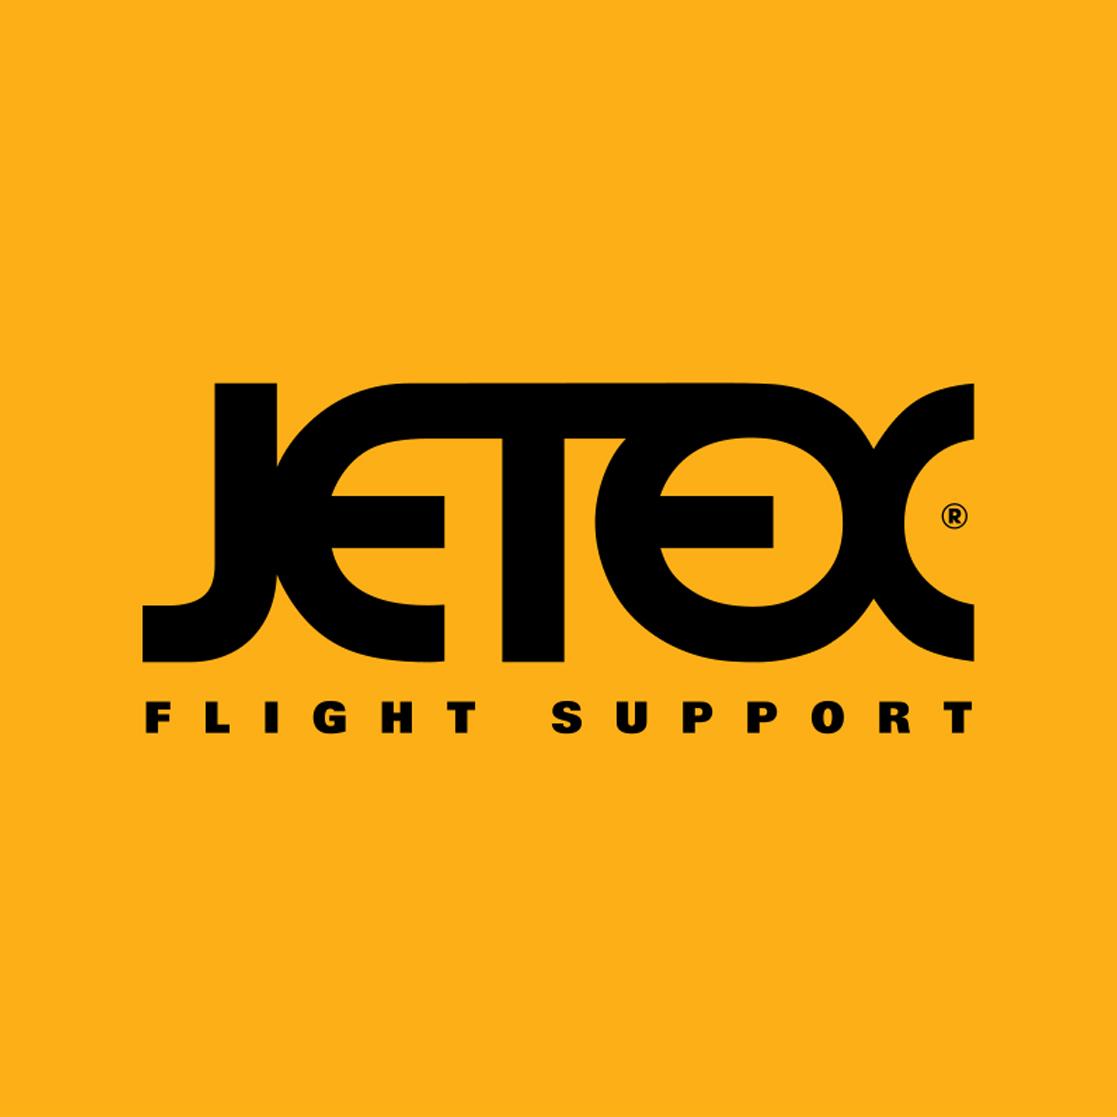 Jetex Flight Support - Wikipedia